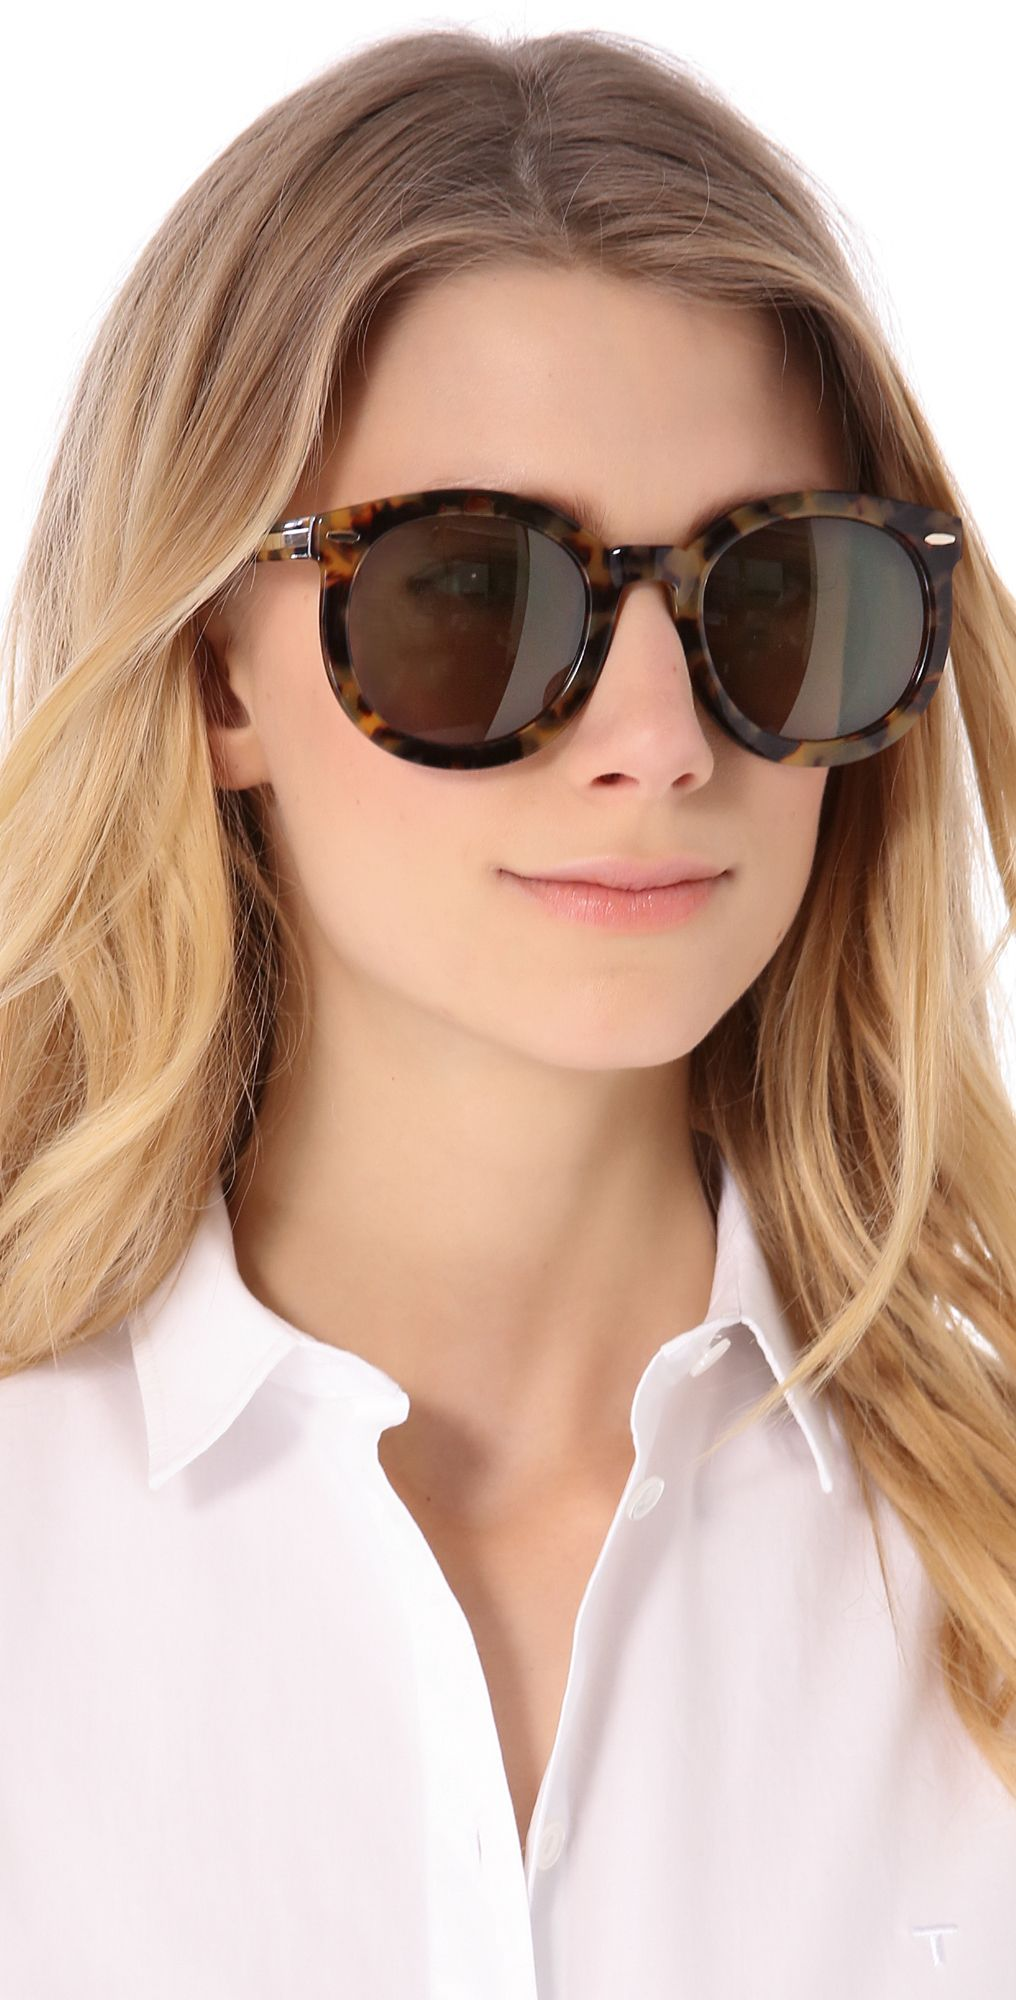 767e2b3d6a0 Karen Walker Super Duper Strength Sunglasses